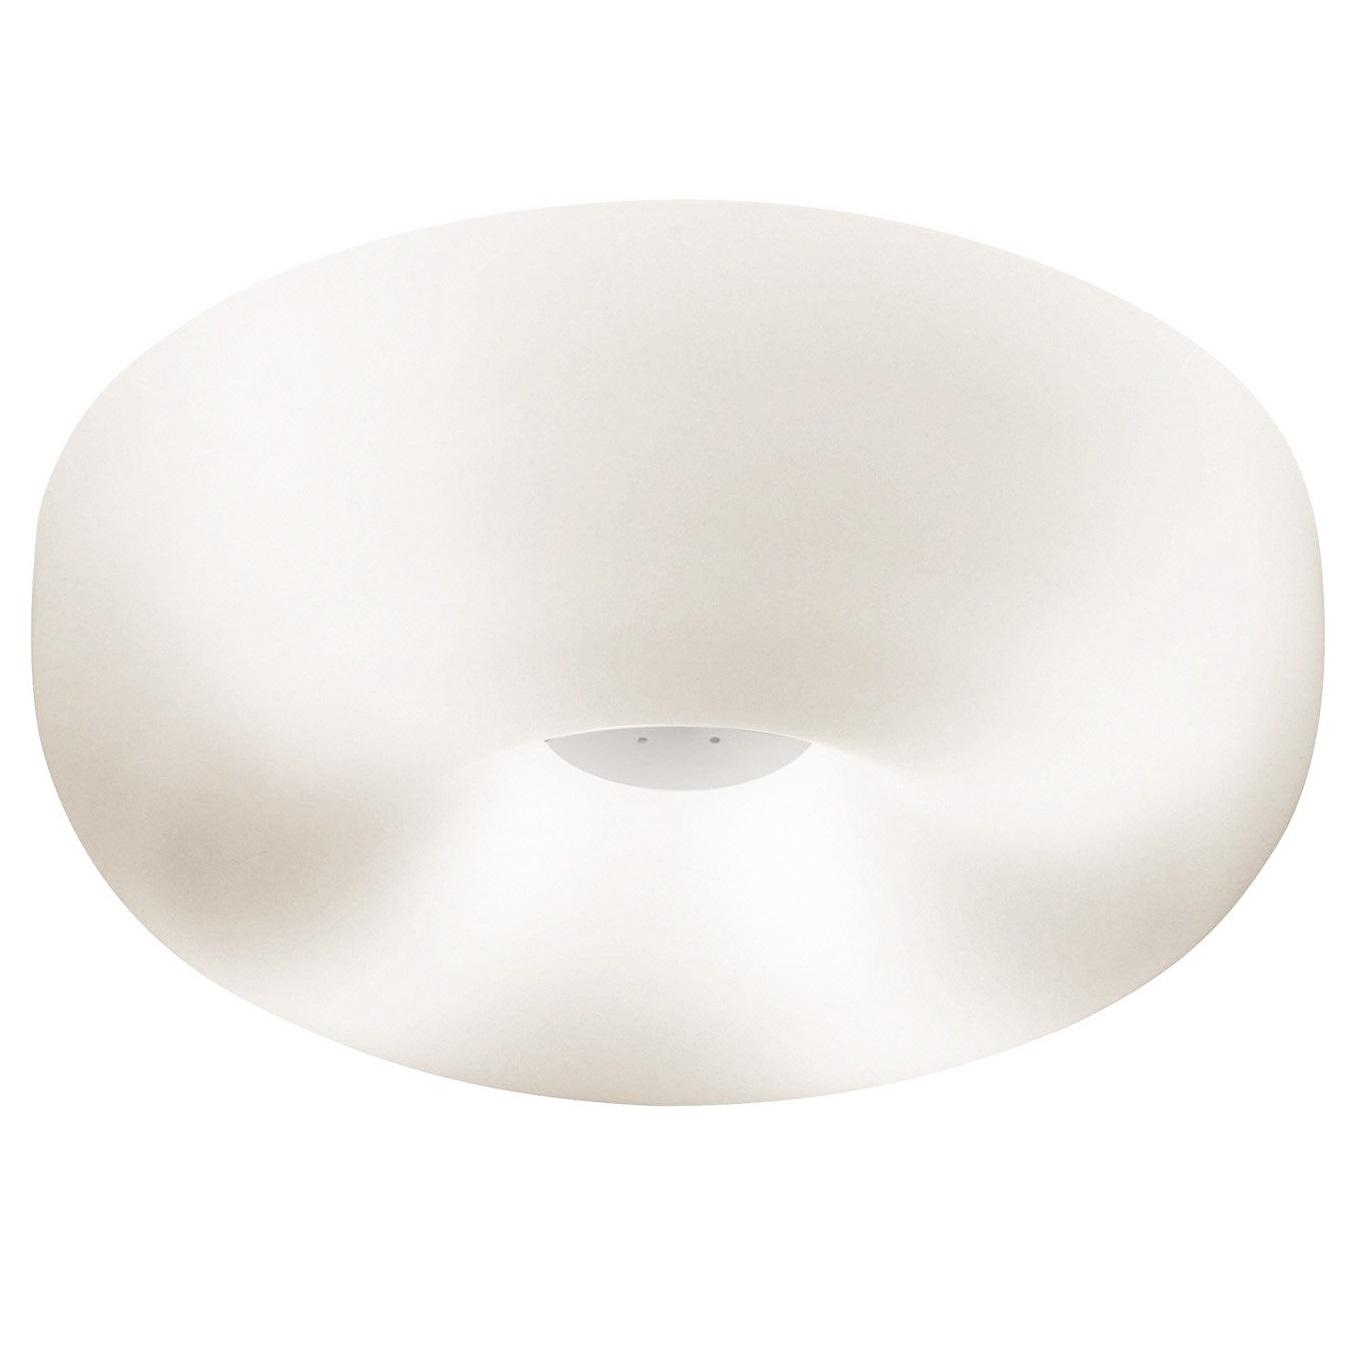 Levně Foscarini designová stropní svítidla Circus 07 Soffitto Grande